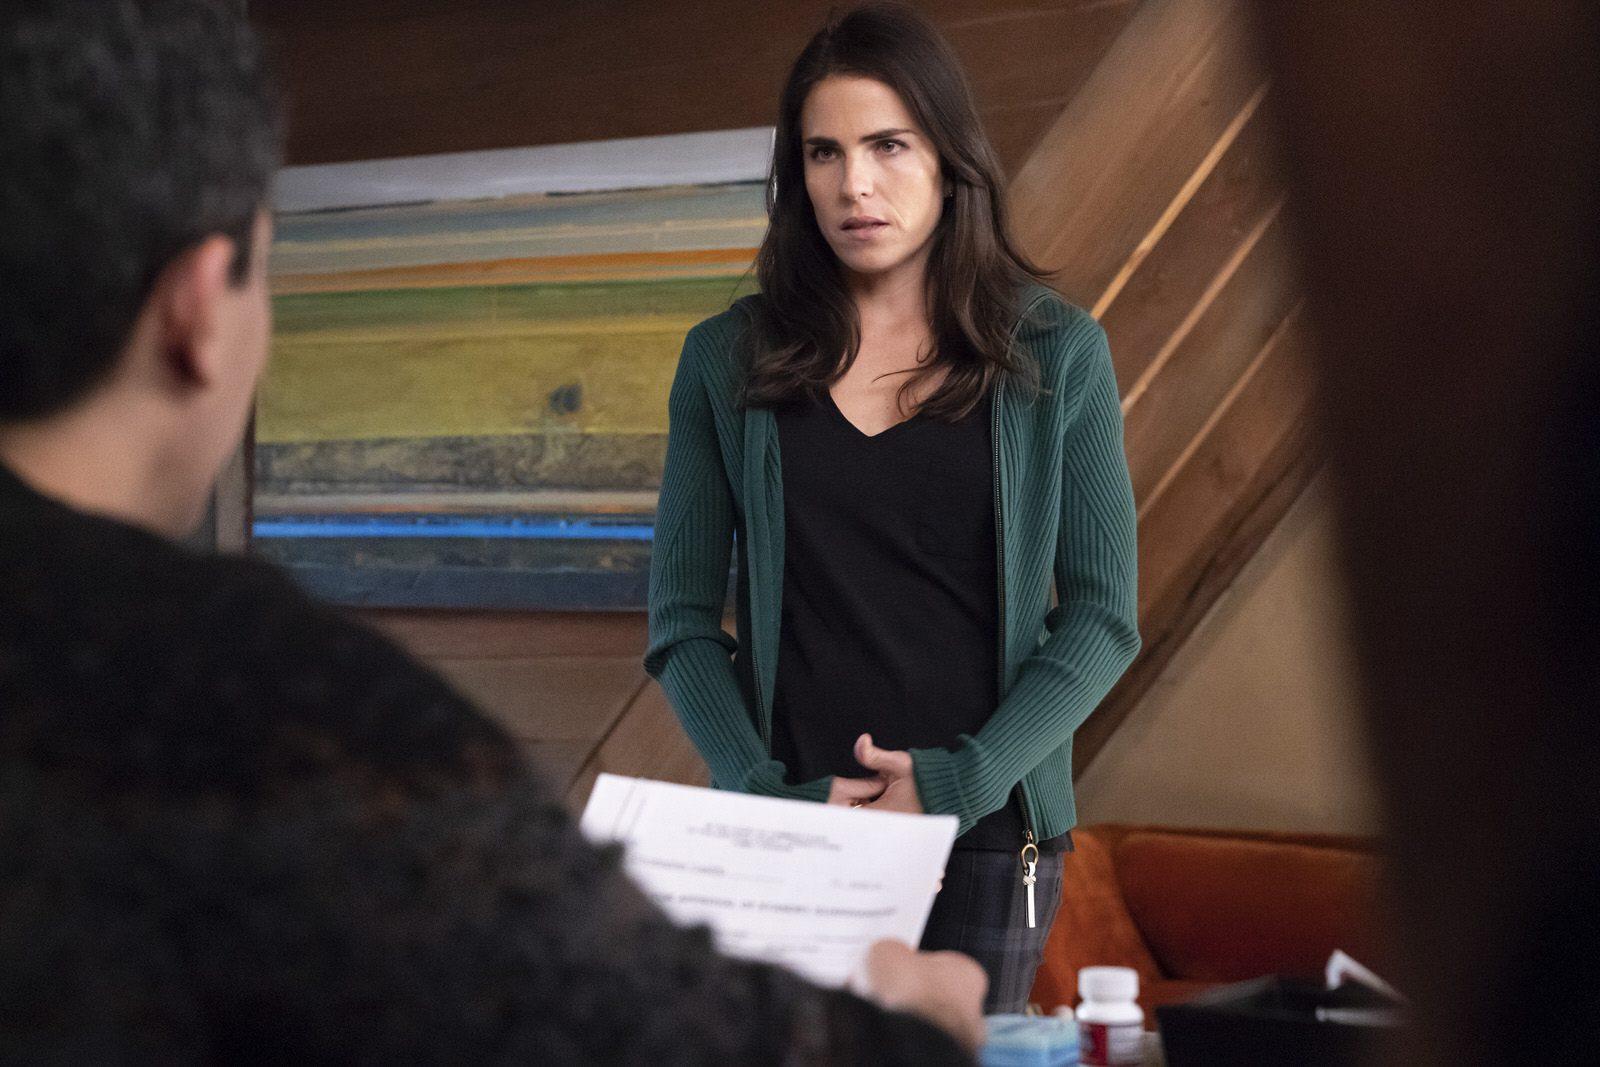 Karla Souza como Laurel Castillo en HTGAWM 5x15 (Final de Temporada)